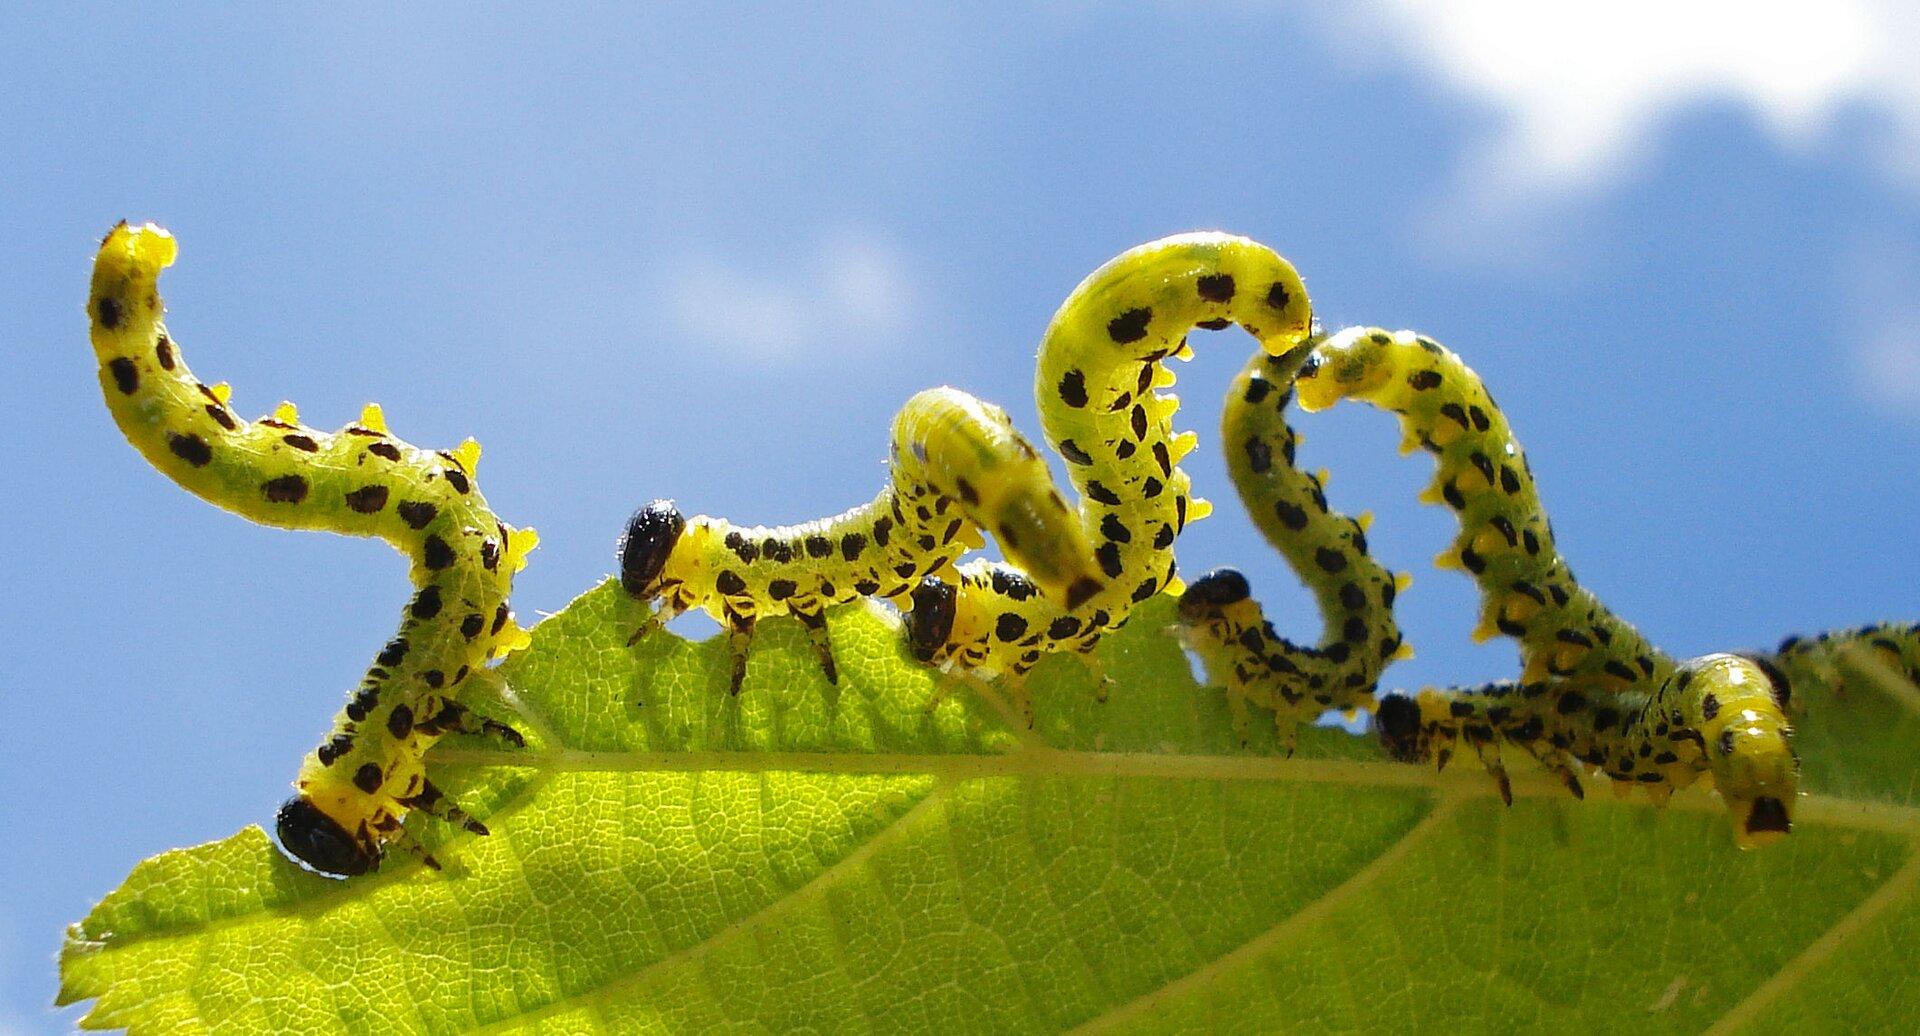 Fotografia przedstawia fragment liścia, na którym znajduje się sześć larw. Larwy są powyginane, żółte wczarne kropki imają czarne główki.